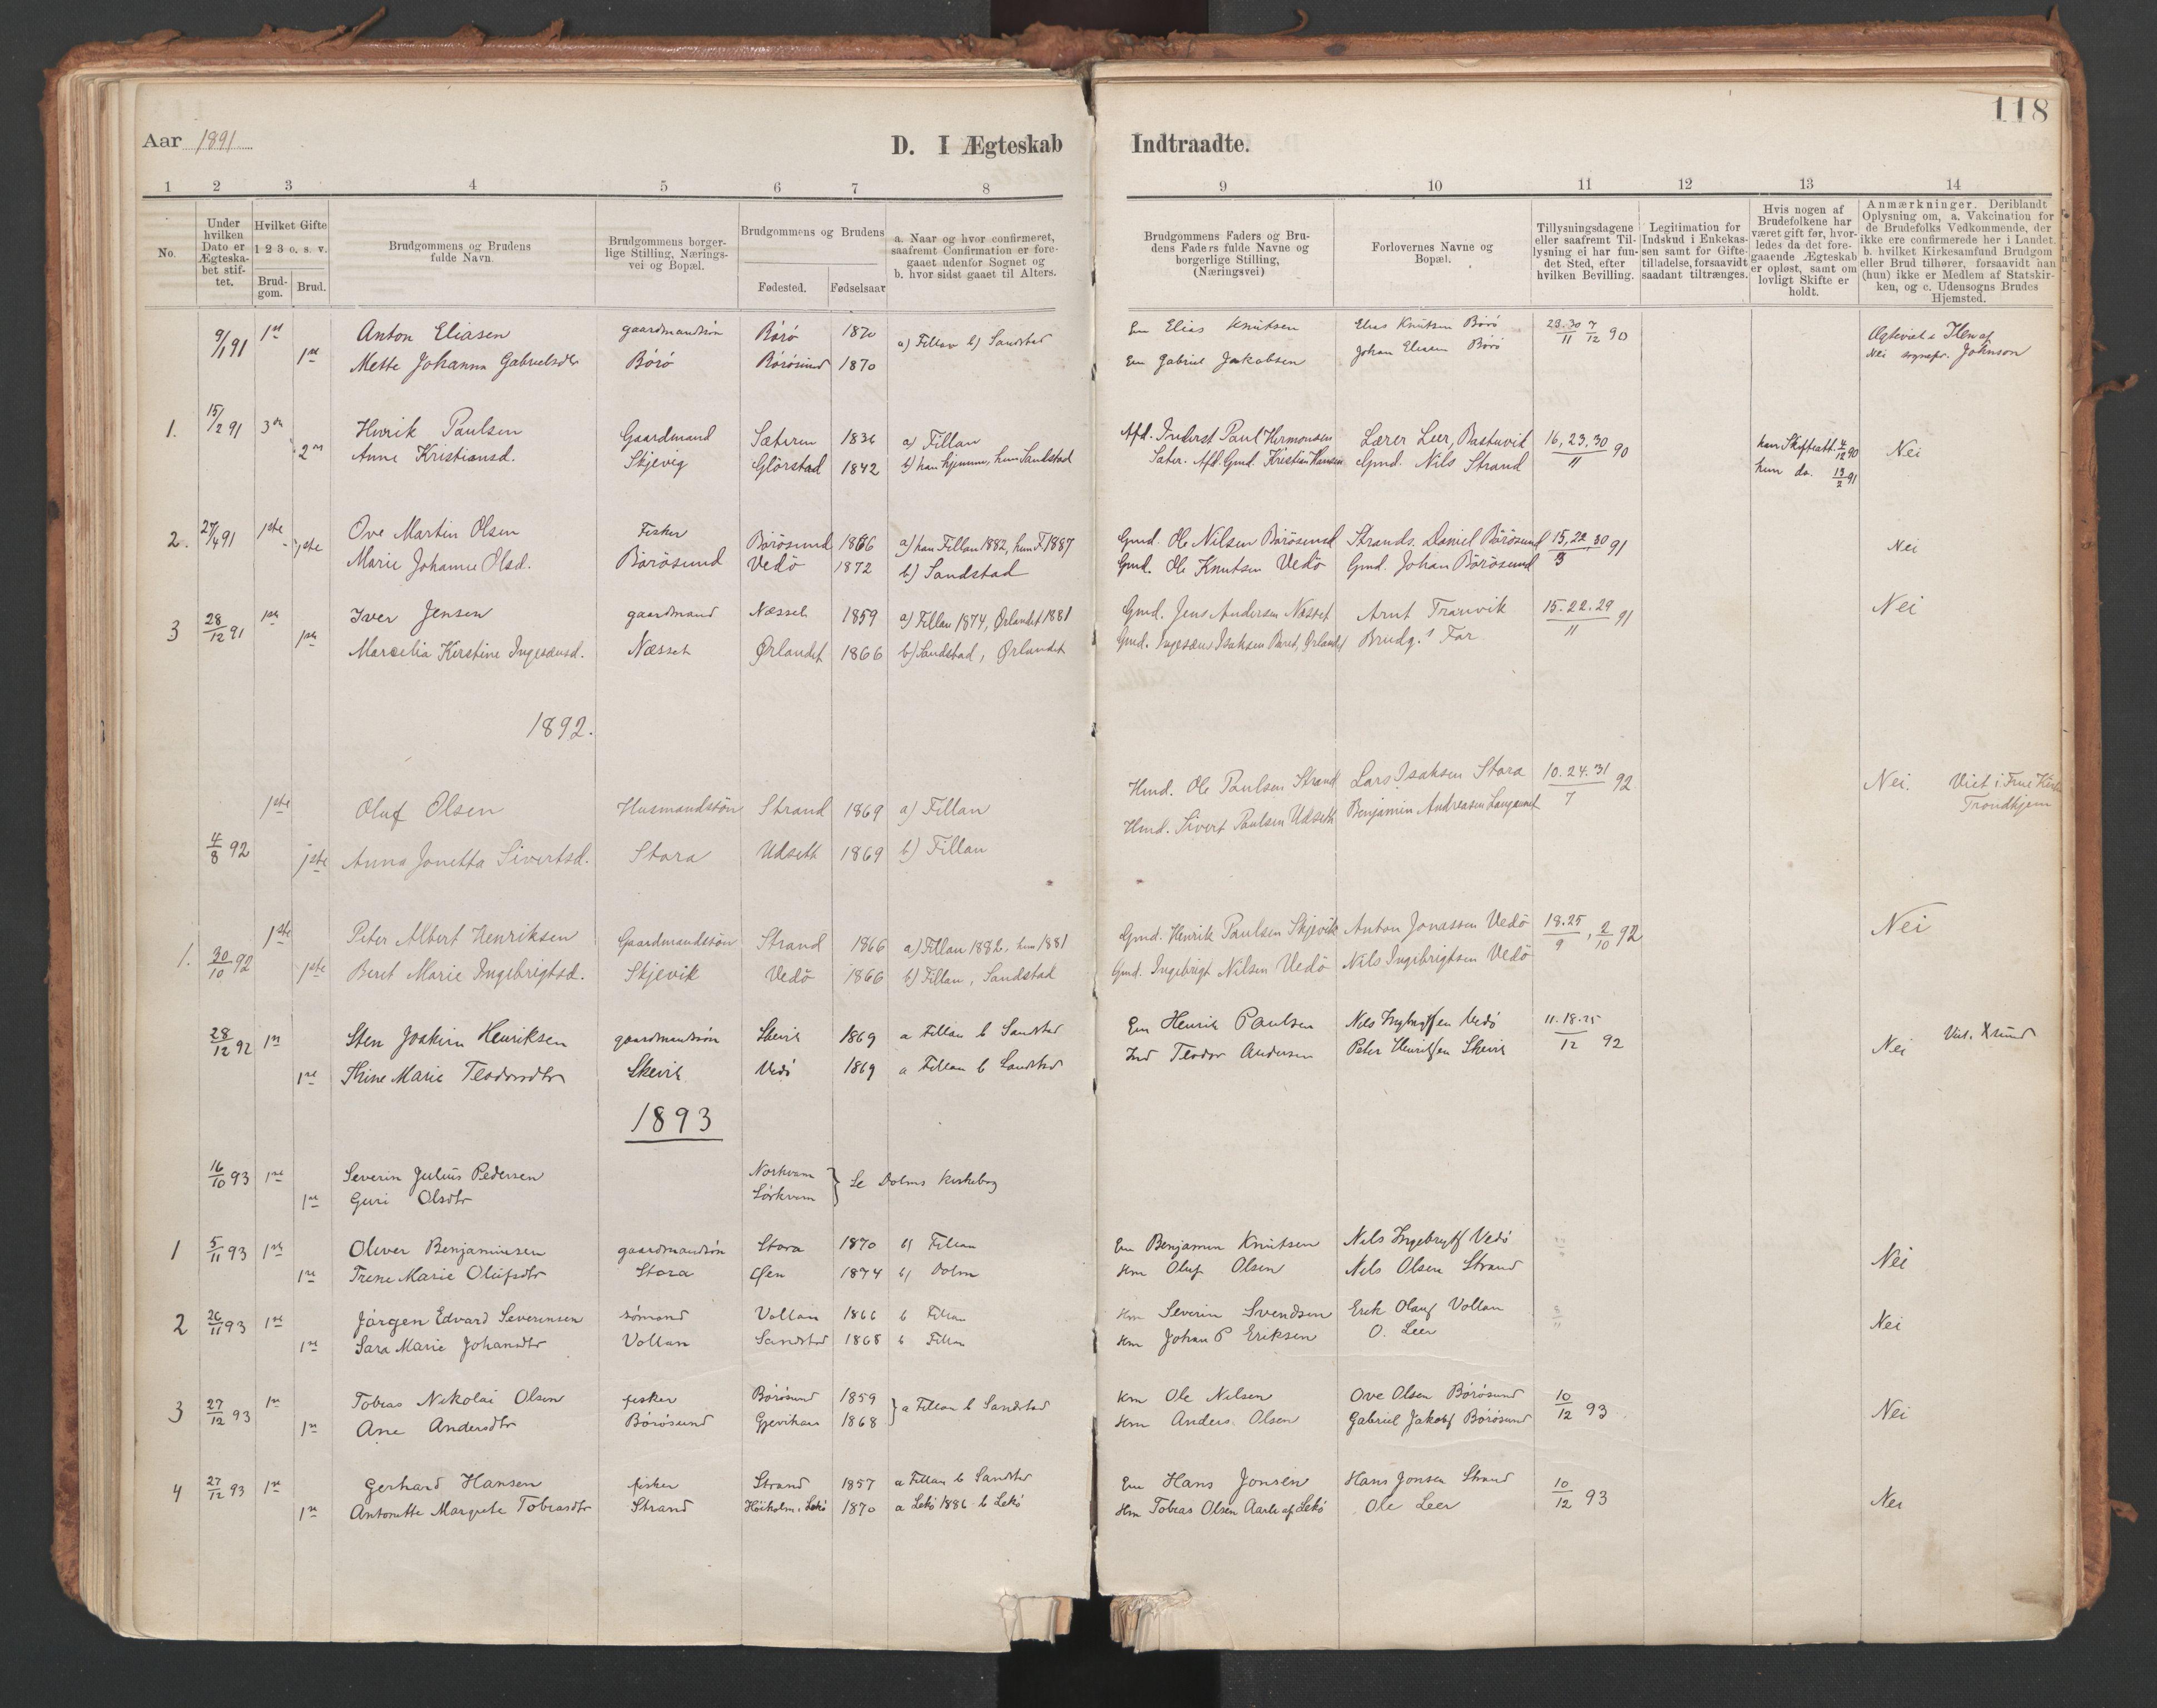 SAT, Ministerialprotokoller, klokkerbøker og fødselsregistre - Sør-Trøndelag, 639/L0572: Ministerialbok nr. 639A01, 1890-1920, s. 118